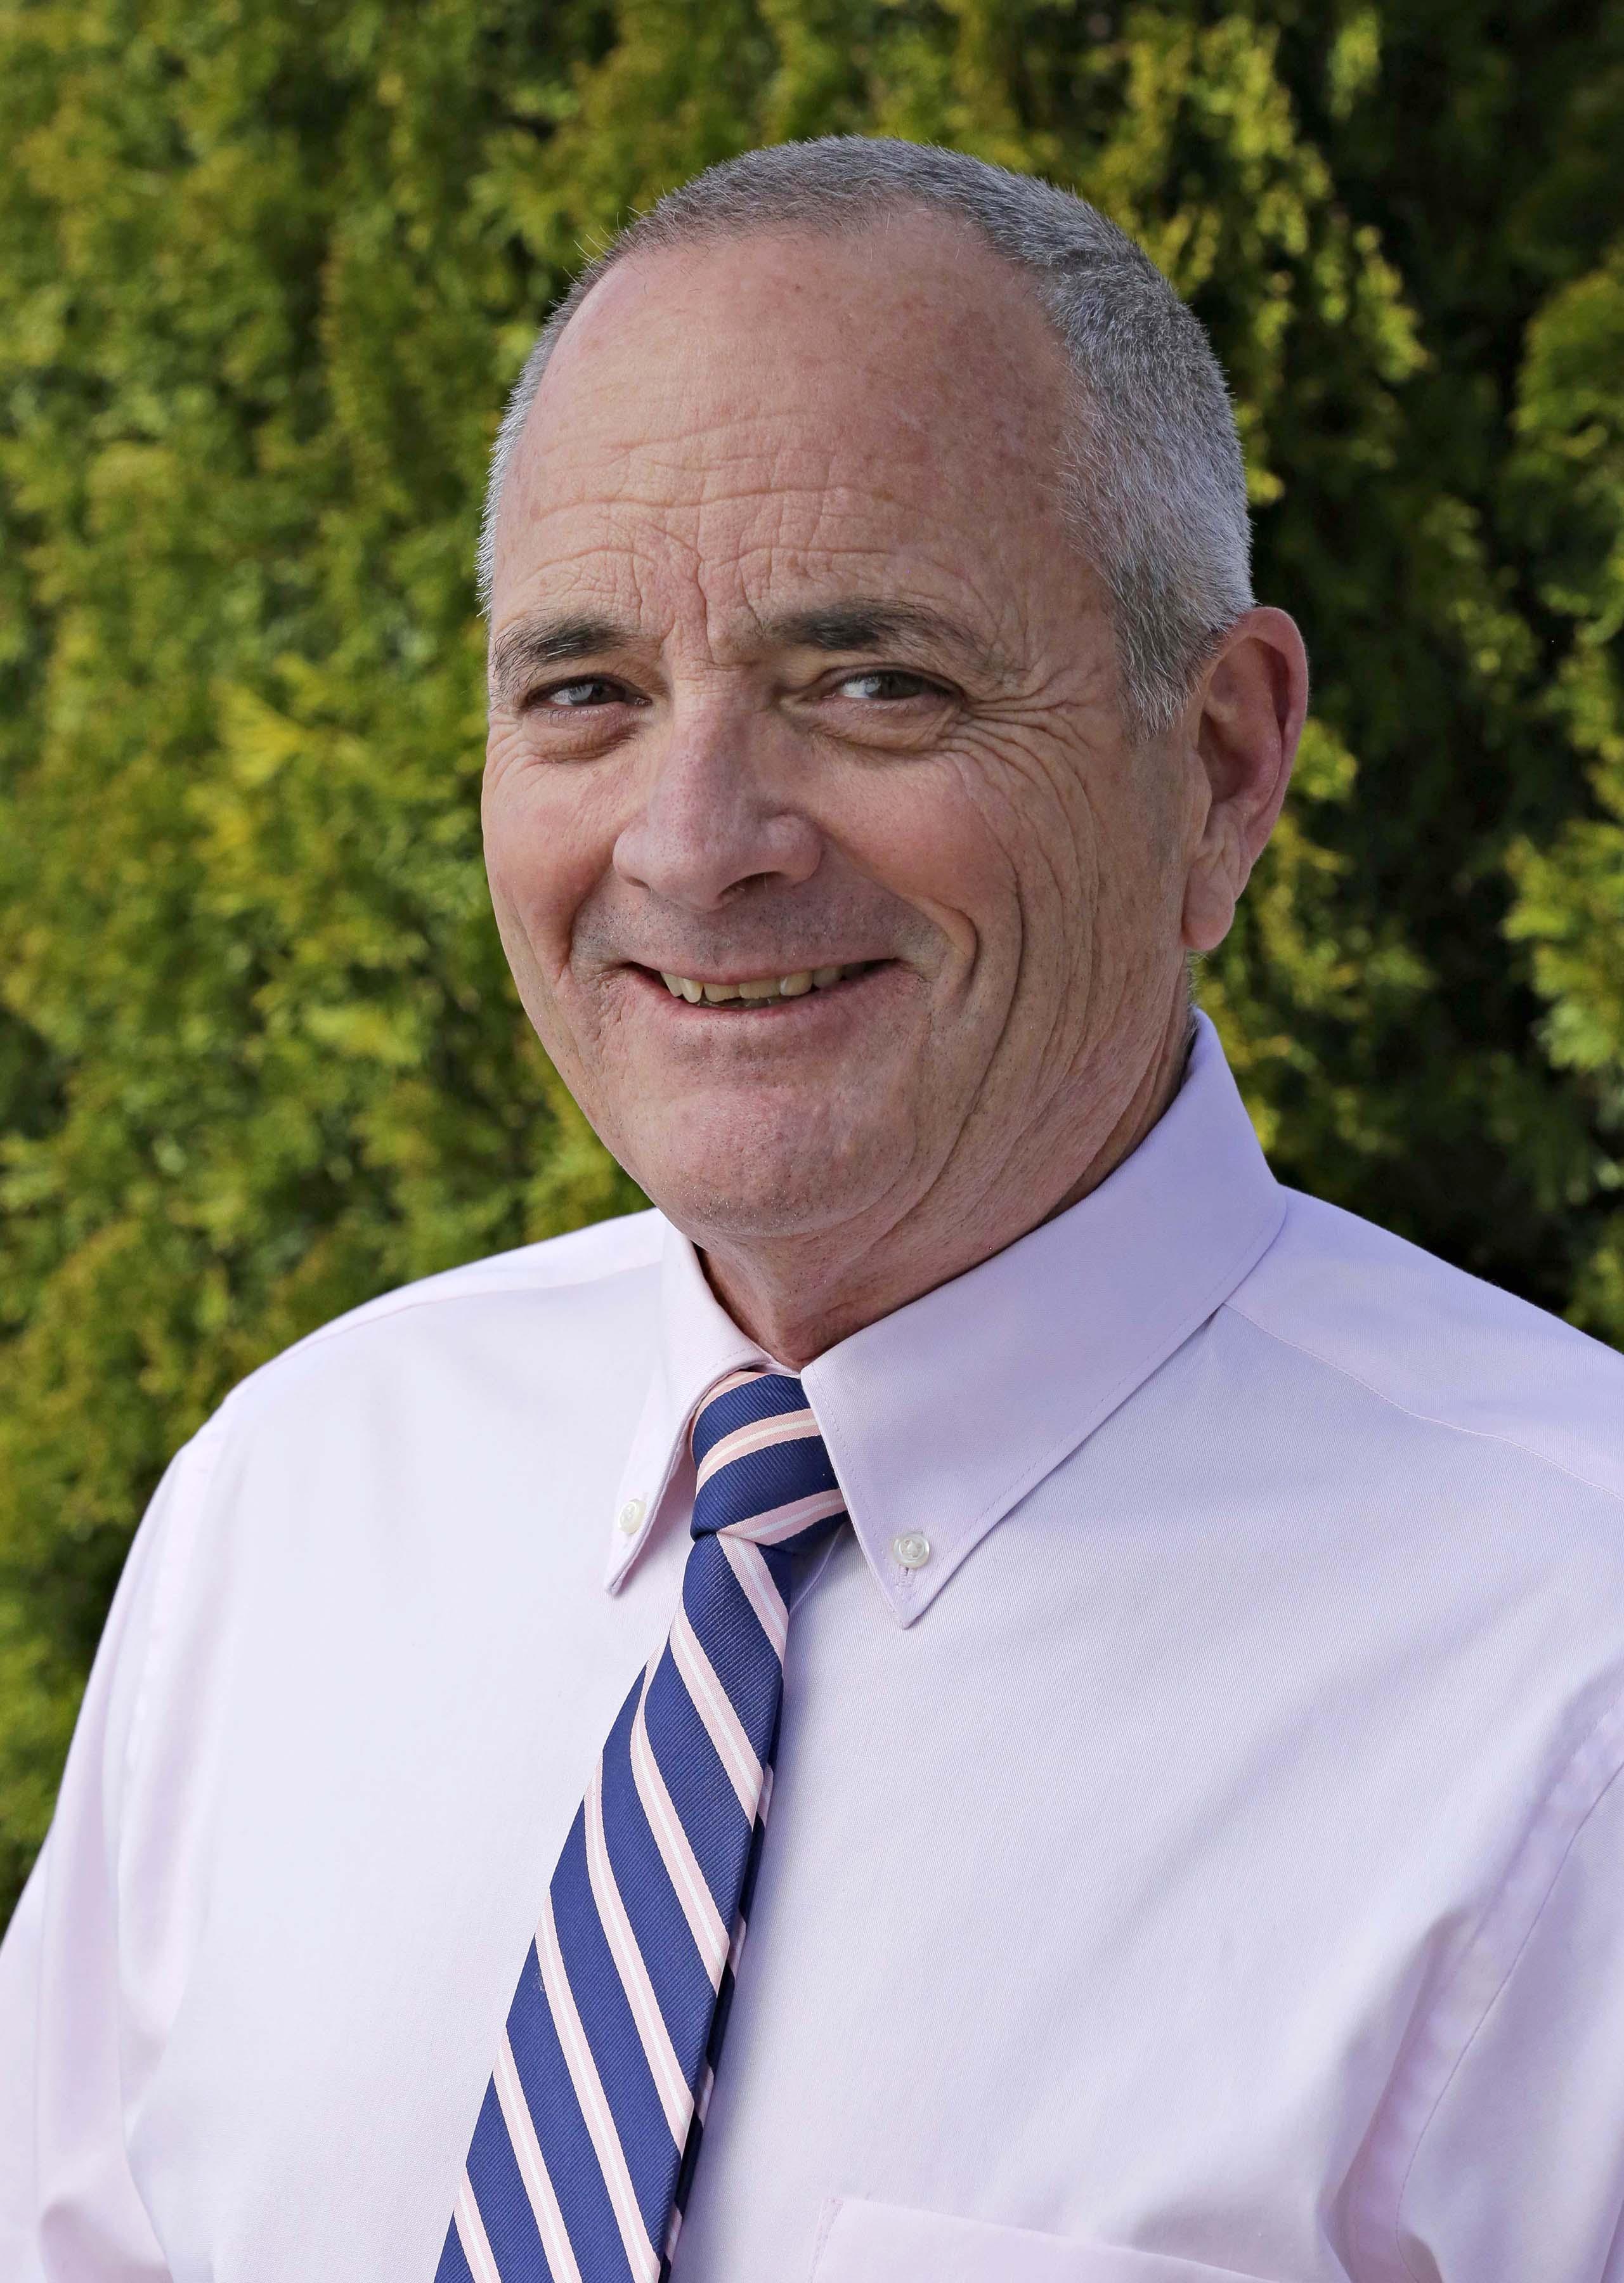 Lon Hoffman - Farmers Insurance Agent in Pinetop, AZ